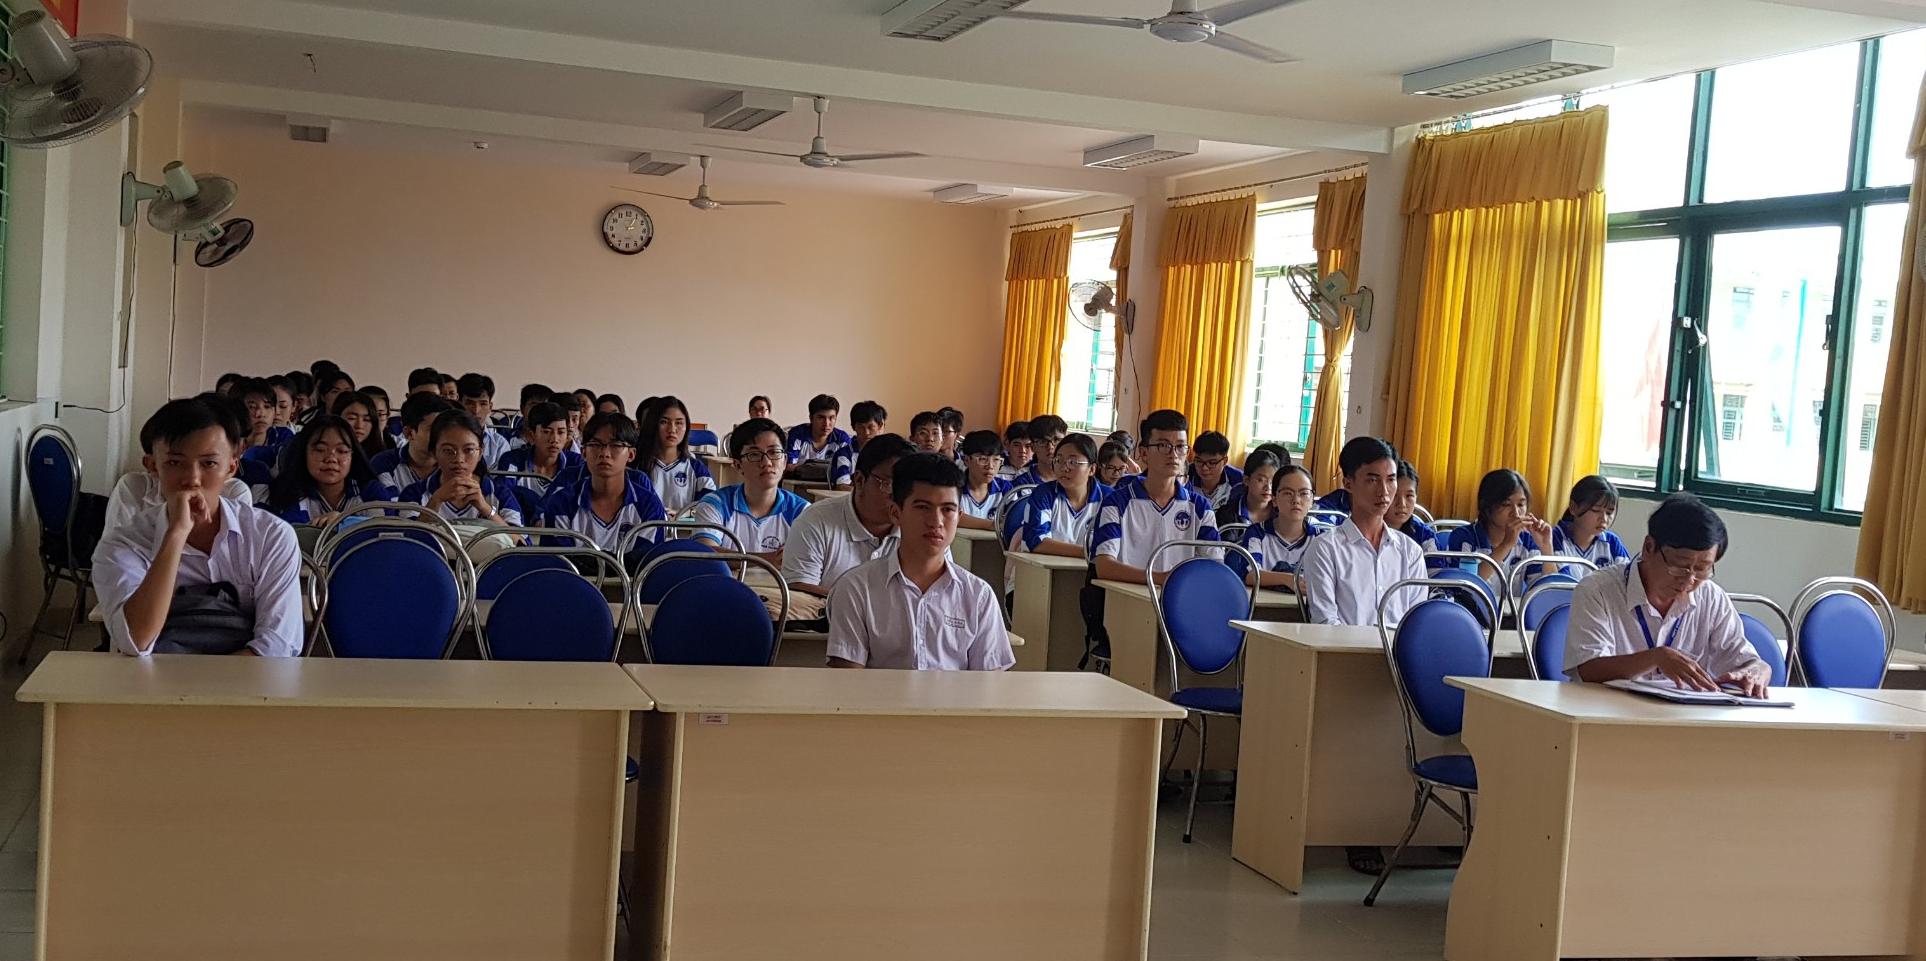 Sở GDĐT Trà Vinh: Khai mạc khóa bồi dưỡng đội tuyển học sinh giỏi THPT dự thi học sinh giỏi quốc gia năm 2021